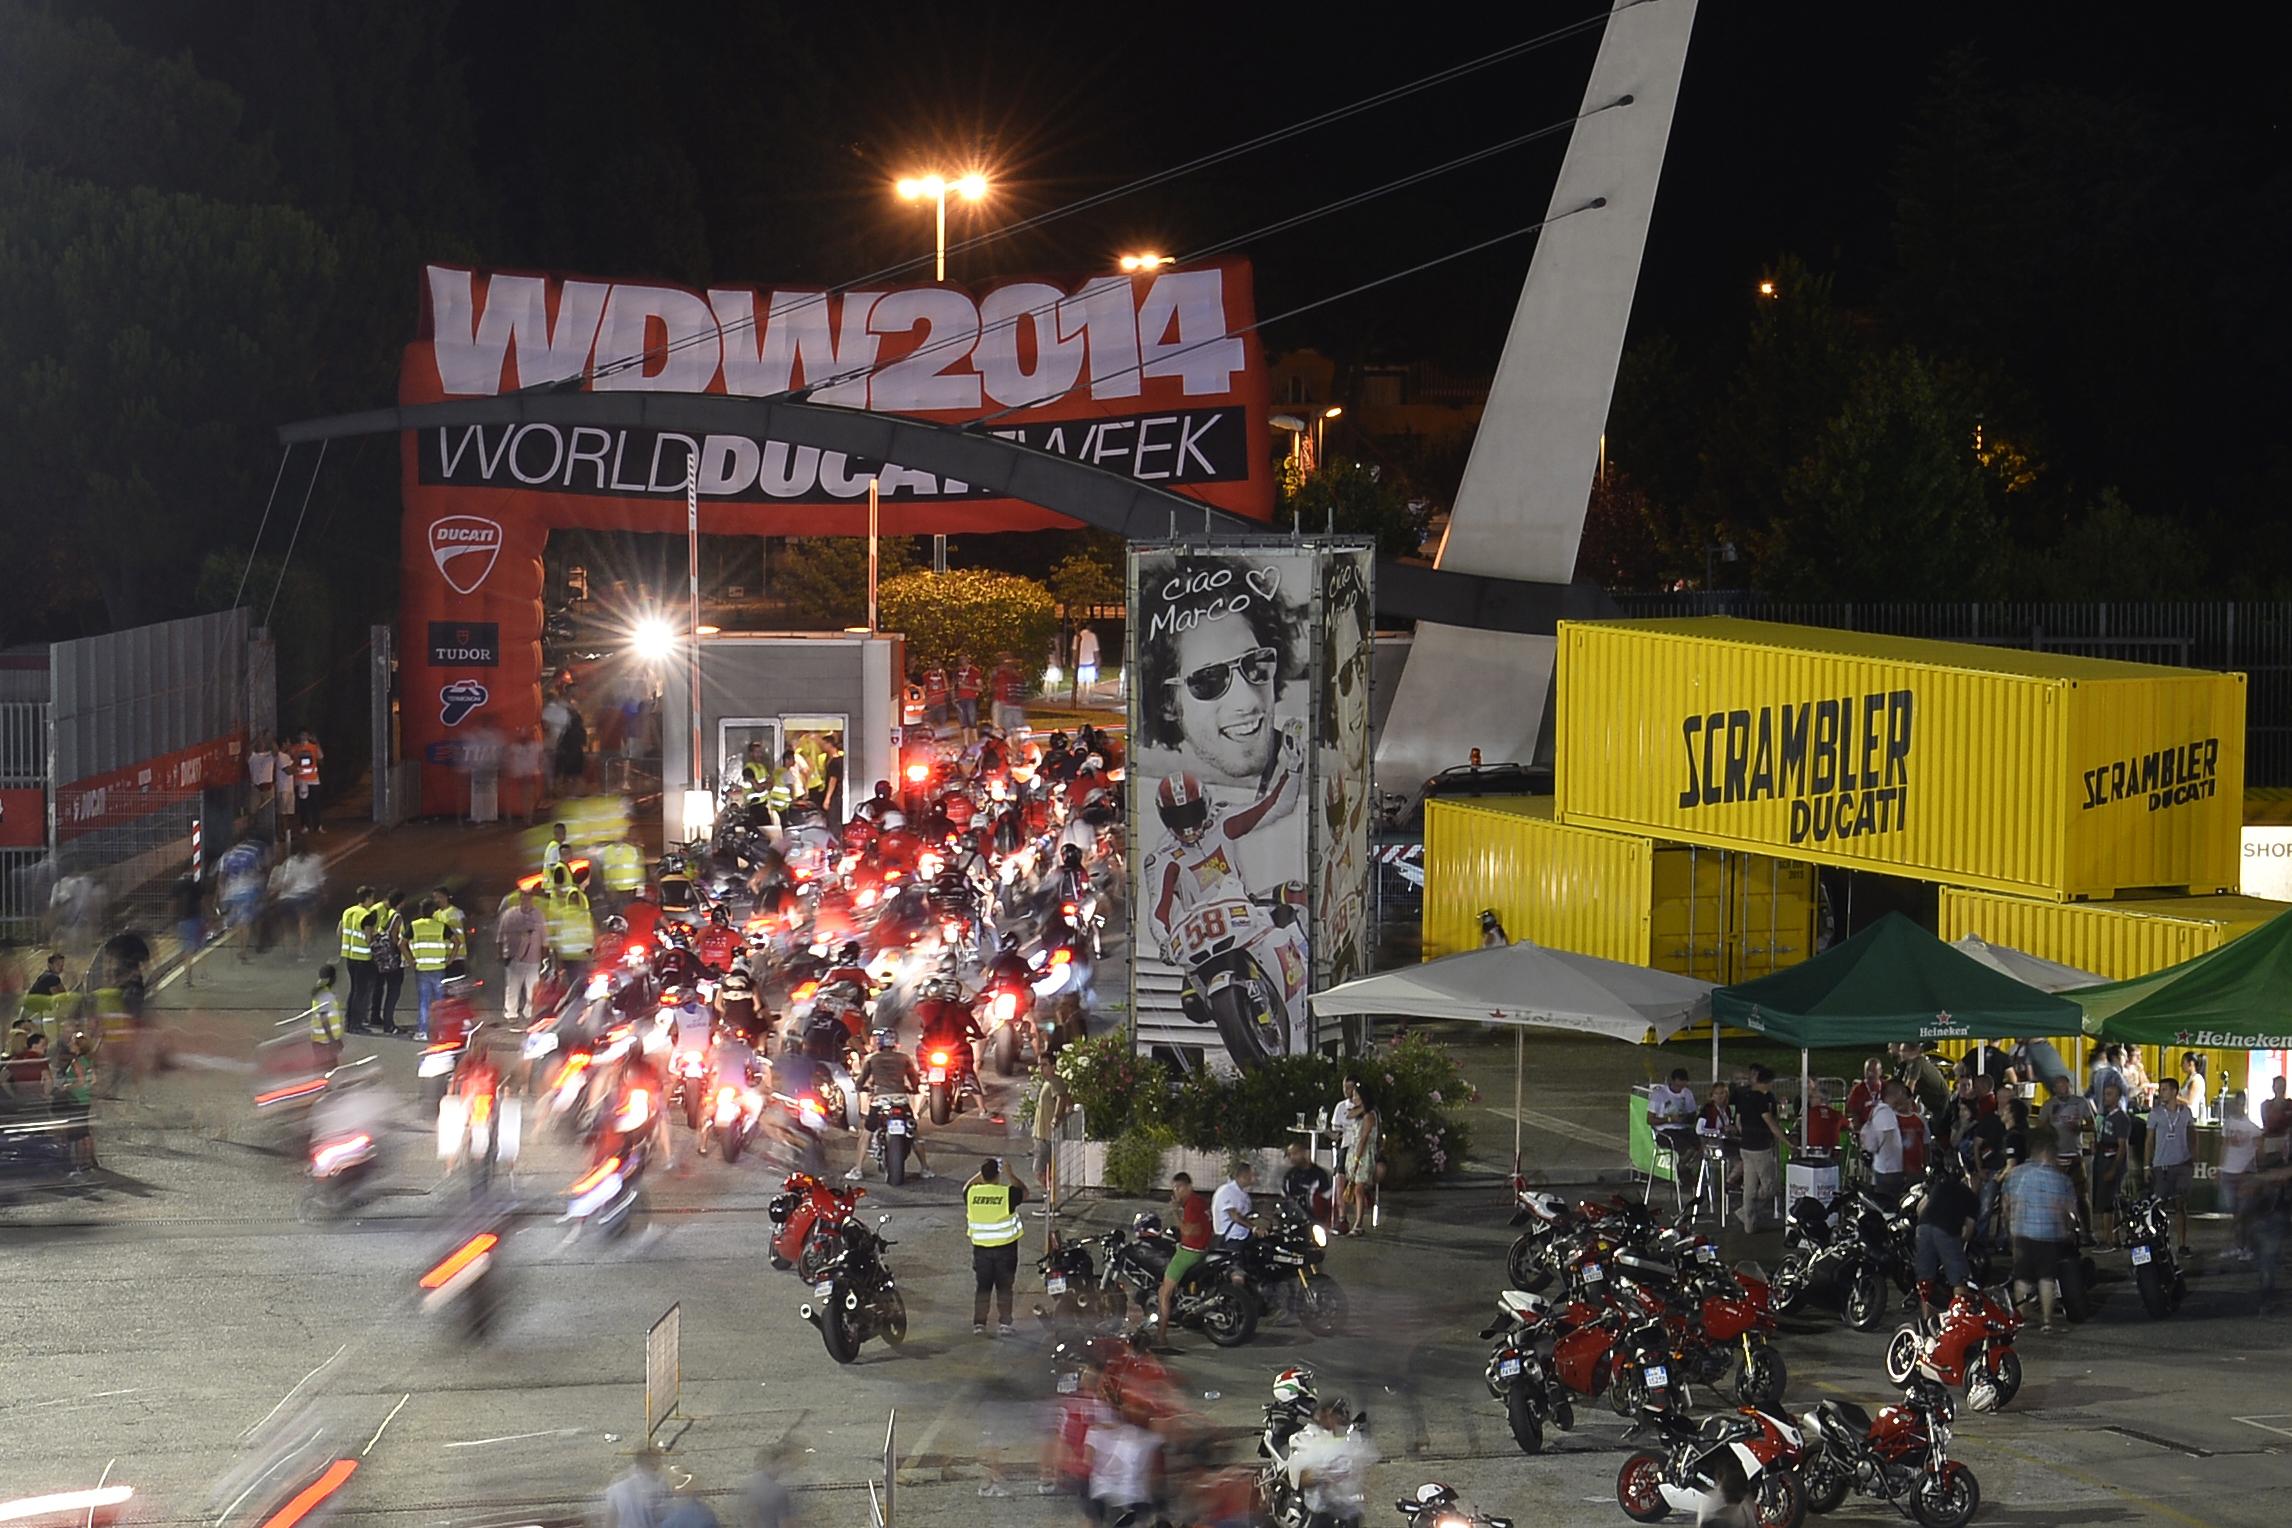 World Ducati Weekend tickets on sale